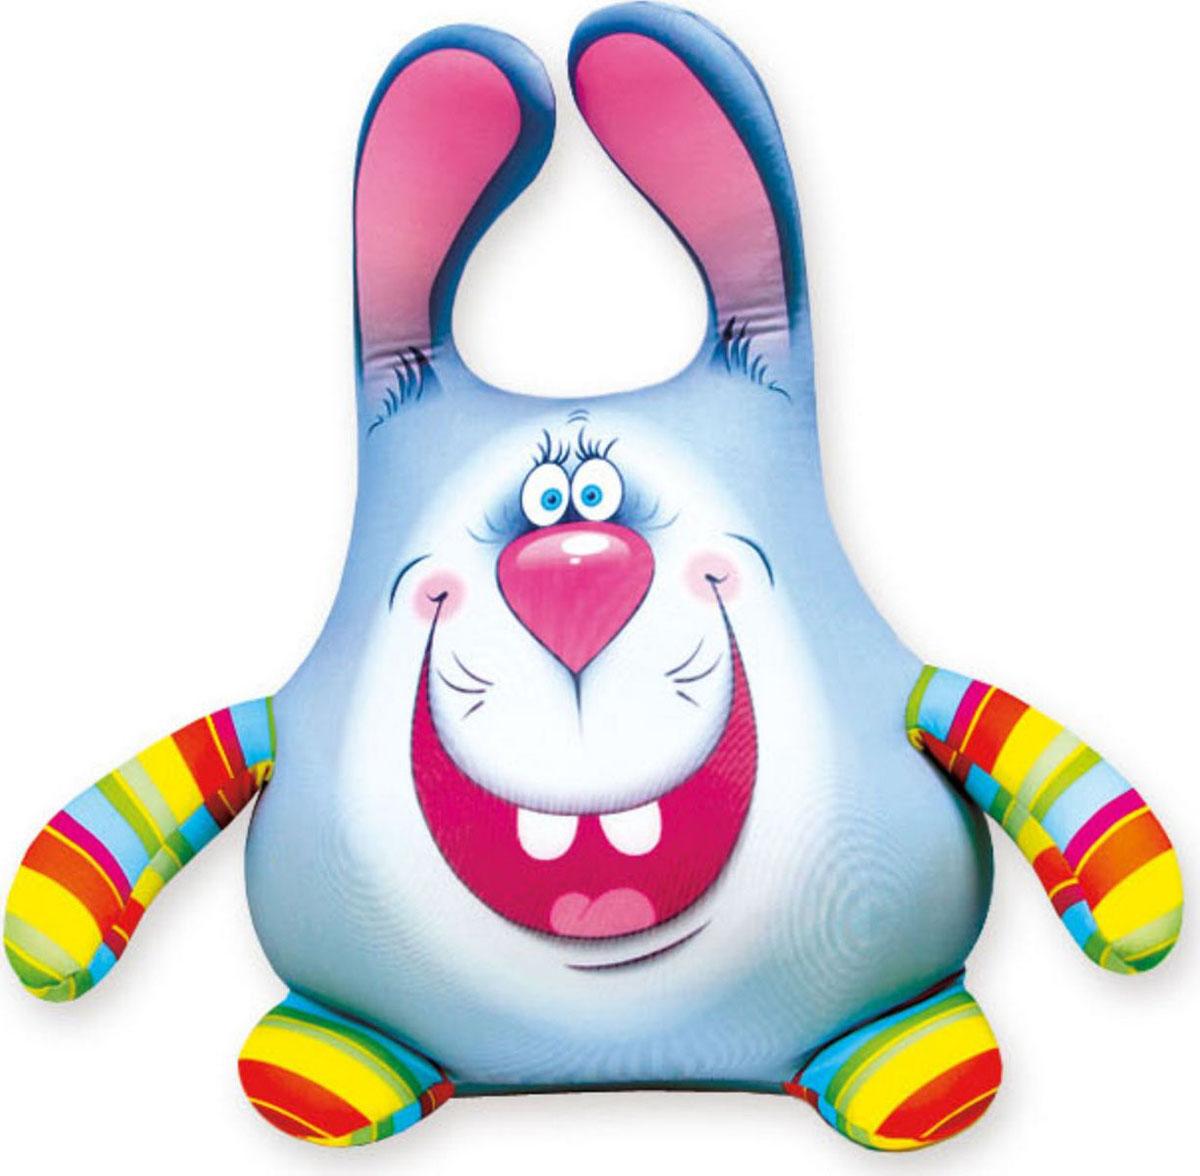 Подушка-игрушка антистрессовая Штучки, к которым тянутся ручки  Кролик Степа . 14аси26ив - Мягкие игрушки